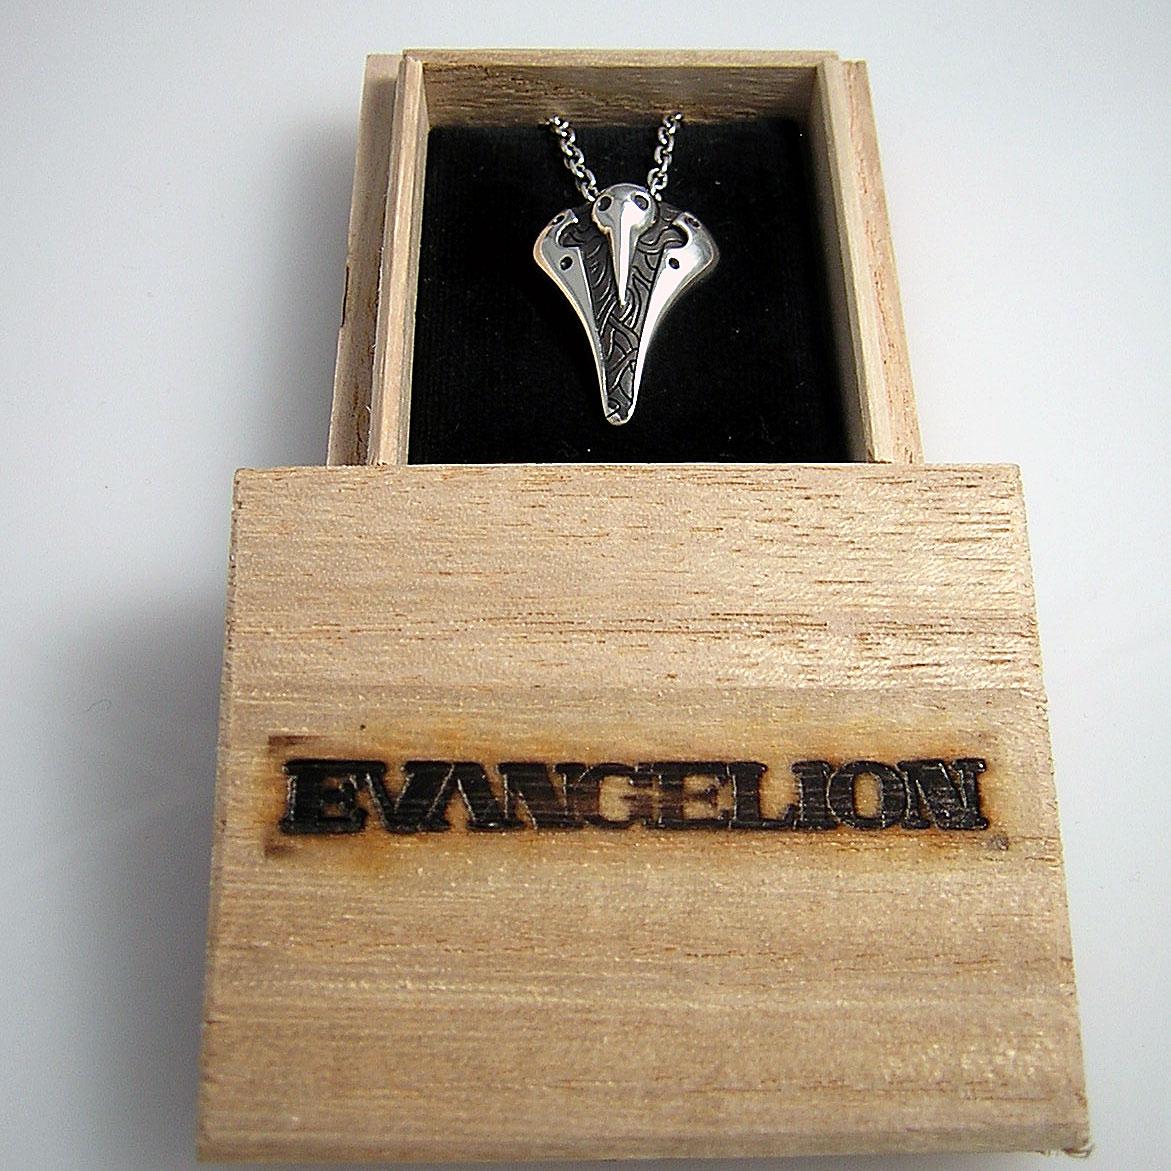 エヴァンゲリオンロゴの焼き印が入ったパッケージ